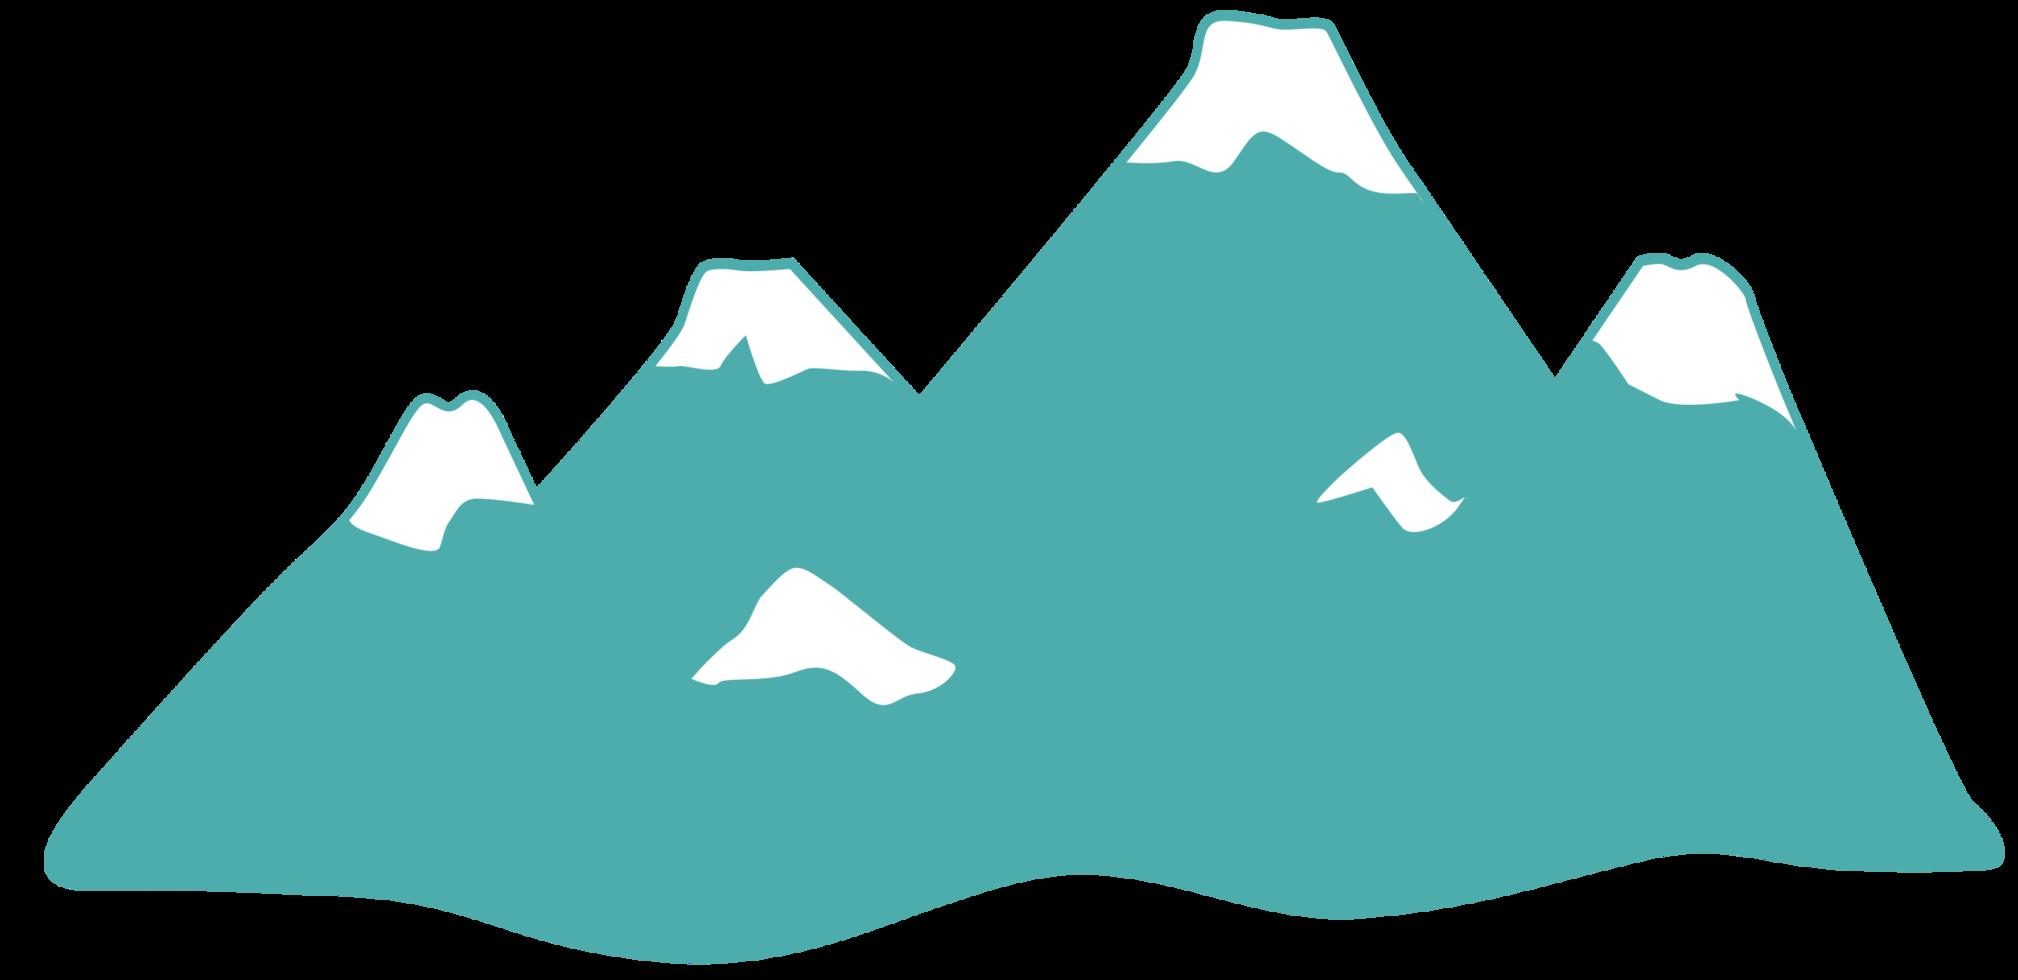 montaña png